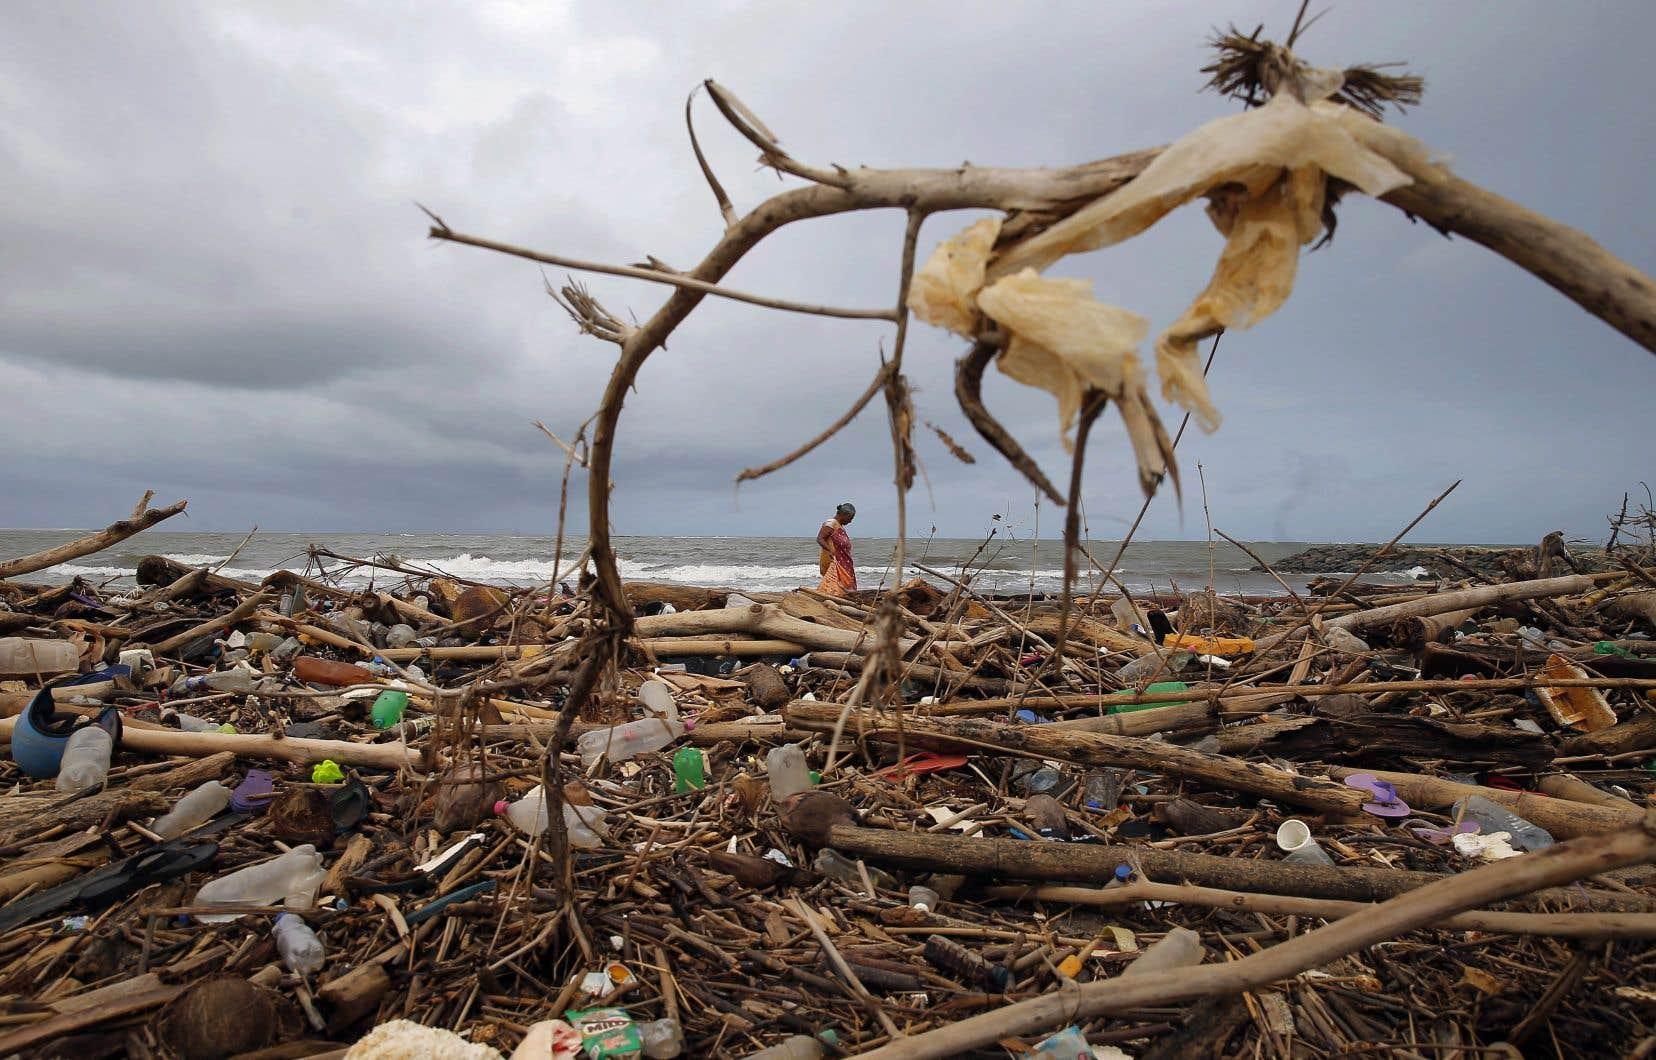 «Les gouvernements devraient également reconnaître le rôle des communautés de pêche pour récupérer les déchets plastiques en mer et sur les plages», estiment les auteurs.